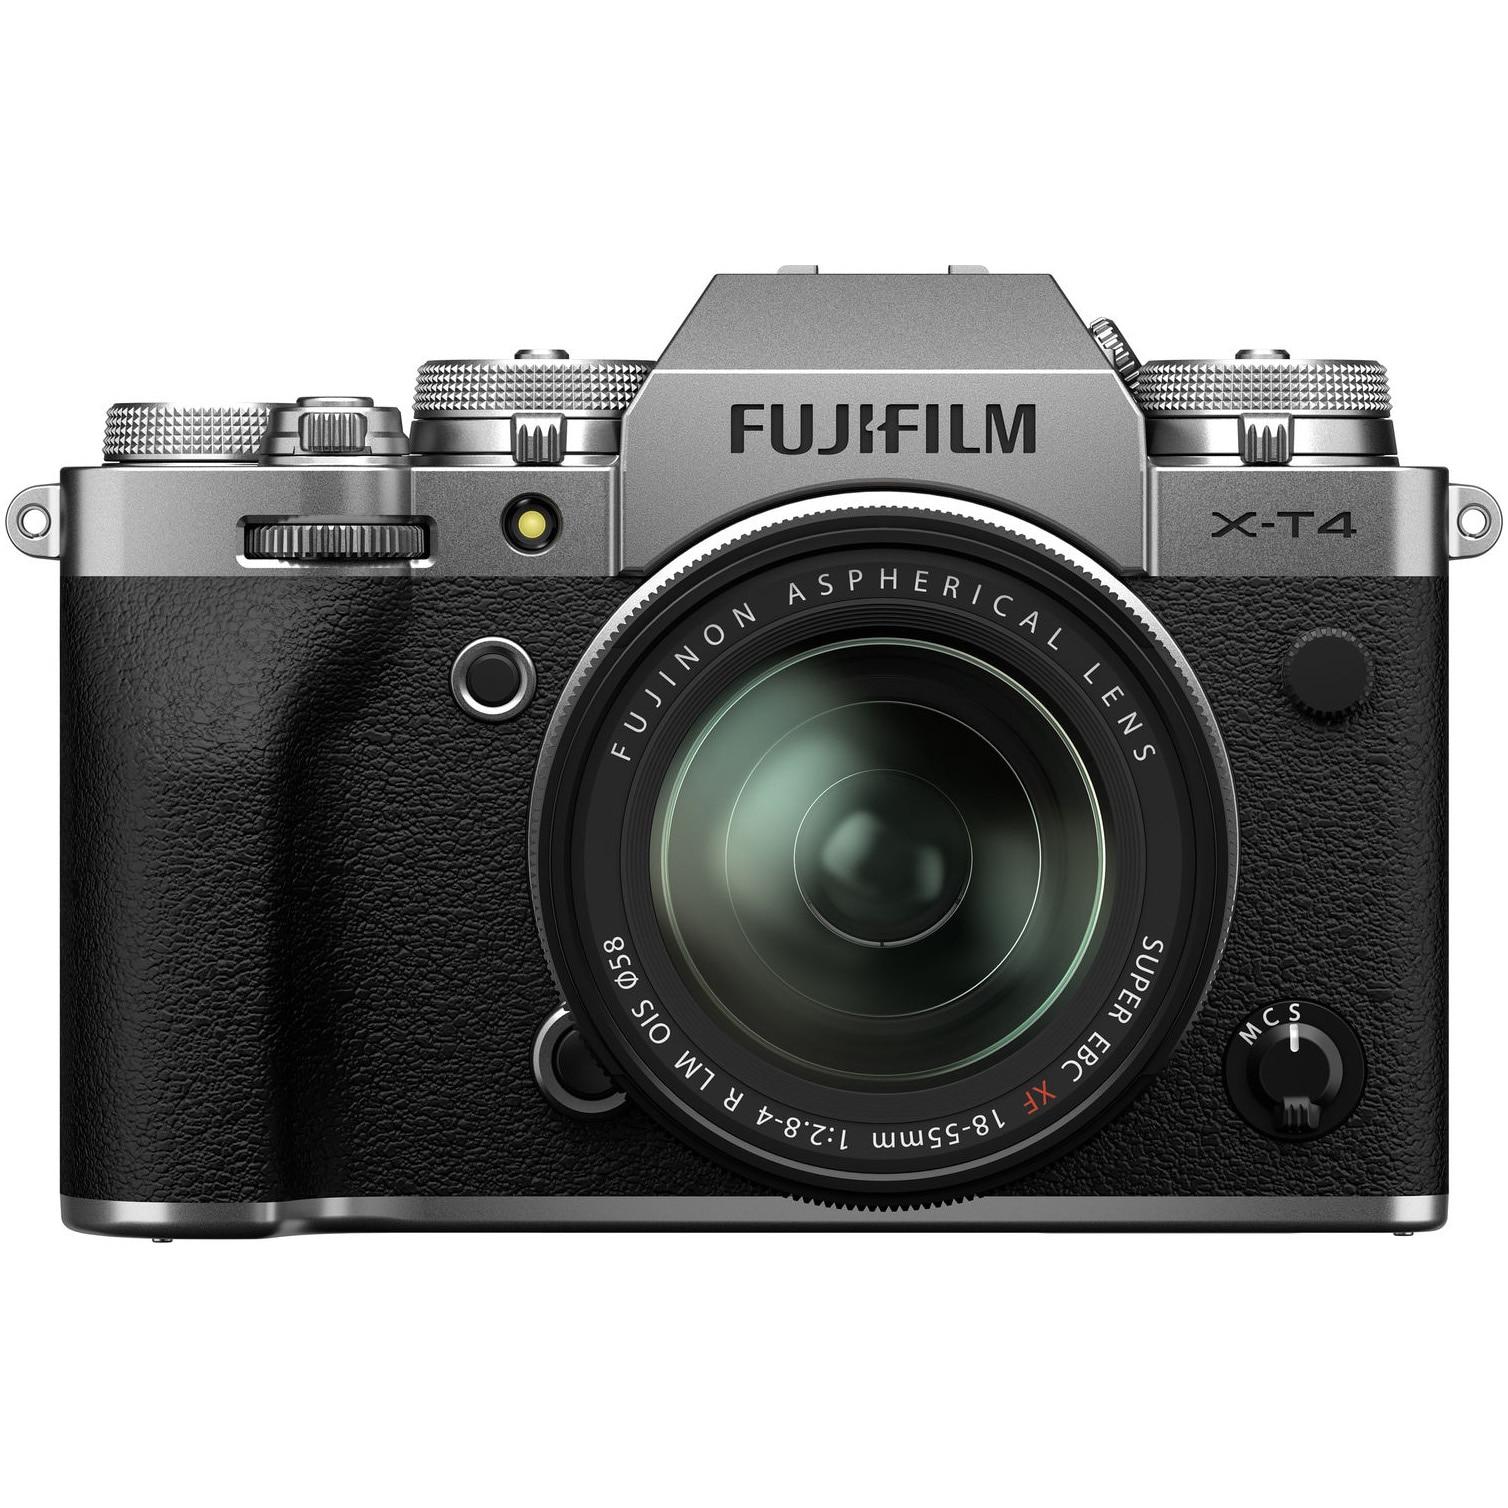 Fotografie Aparat foto Mirrorless Fujifilm X-T4, 26.1 MP, 4K, Silver + Obiectiv XF 18-55 mm